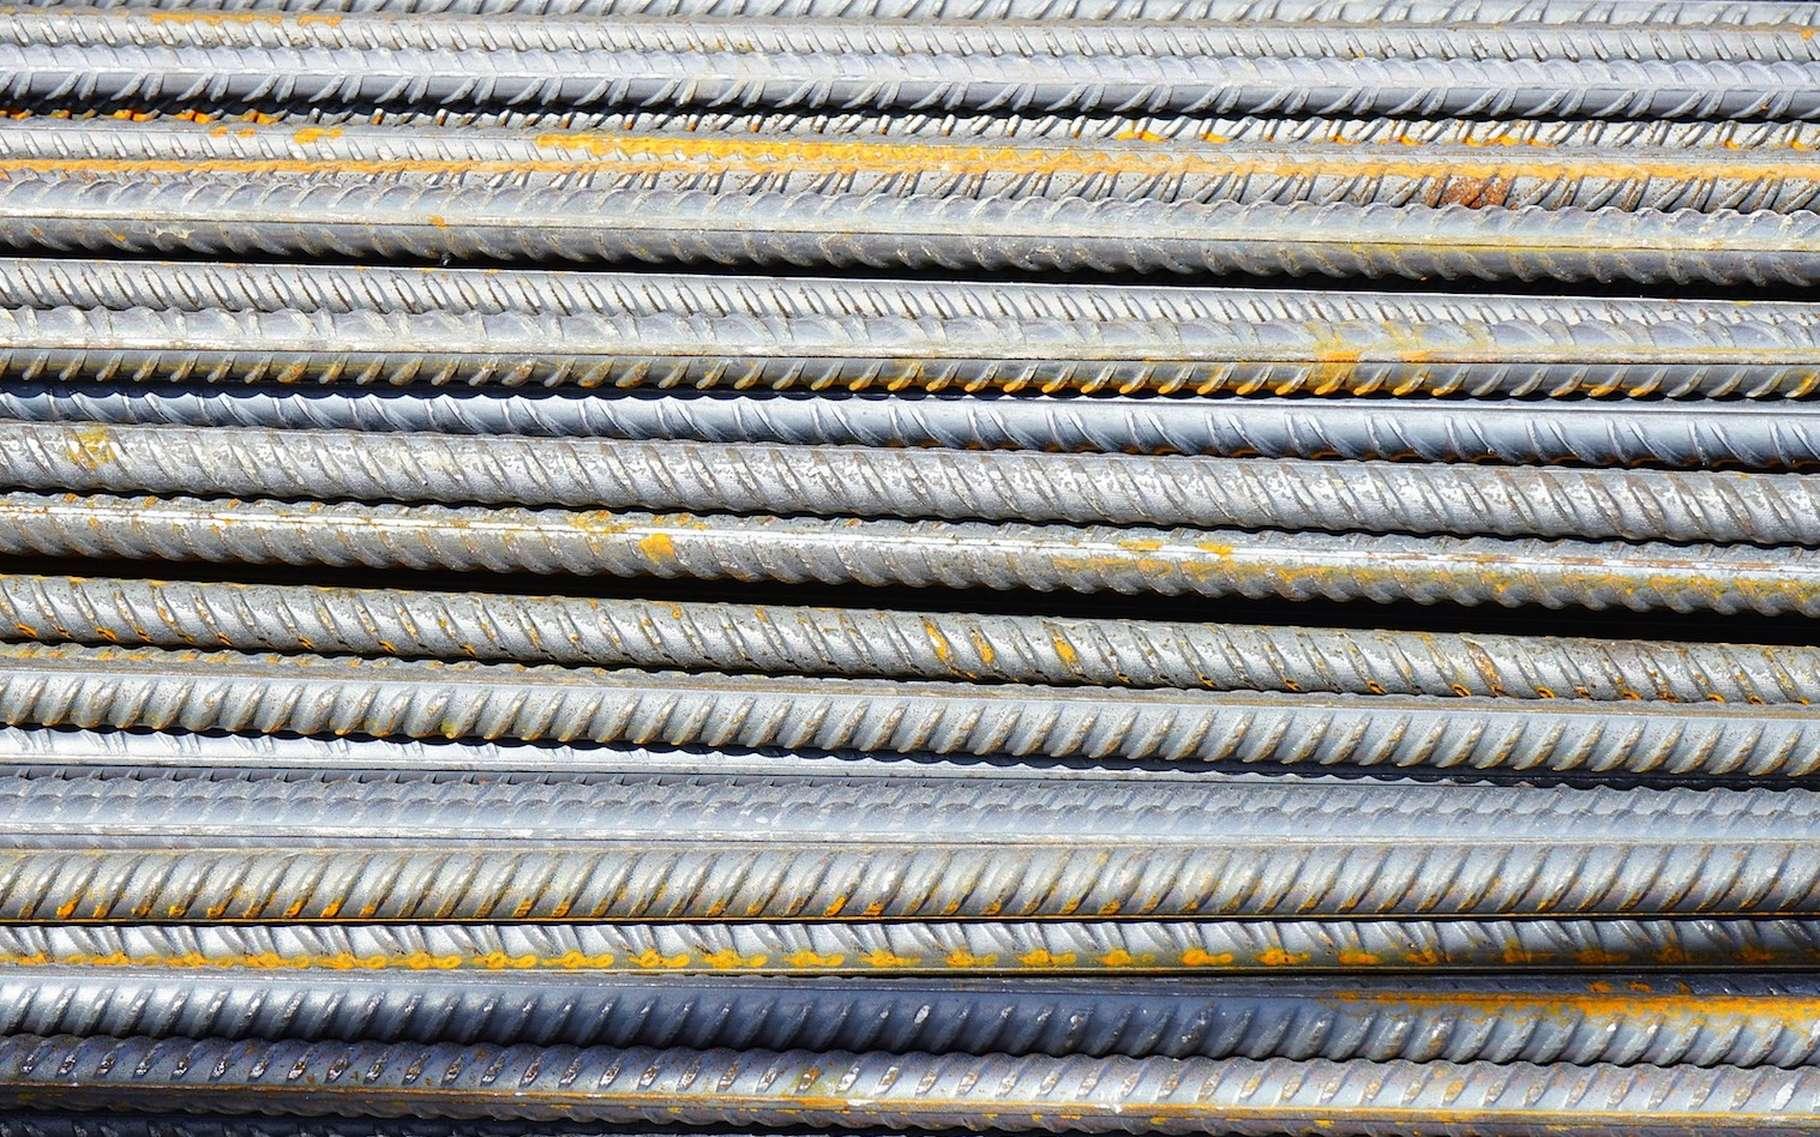 Des tiges d'acier peuvent servir à armer du béton. © Hans, Pixabay, DP